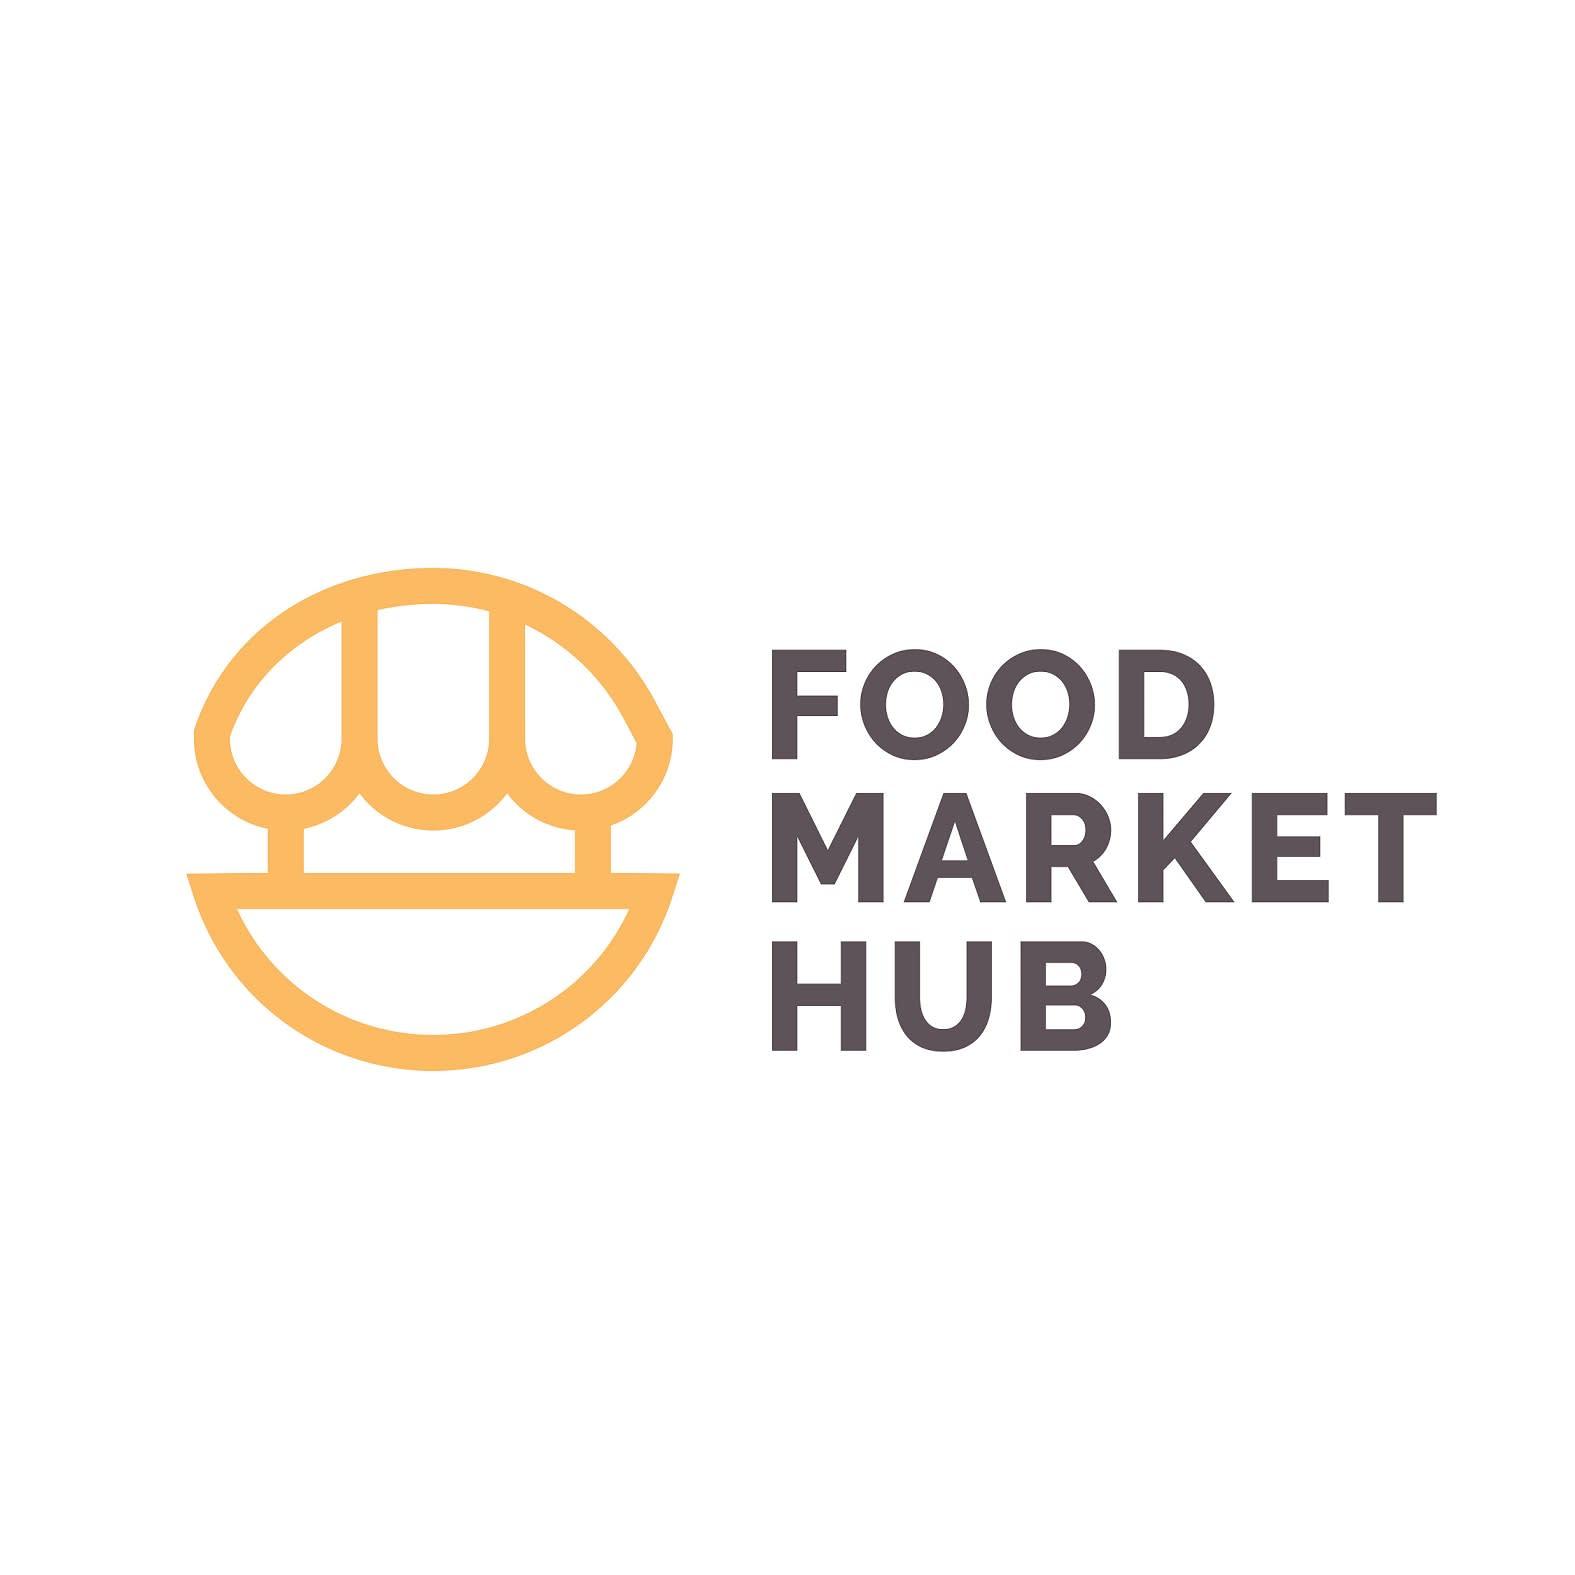 Food Market Hub